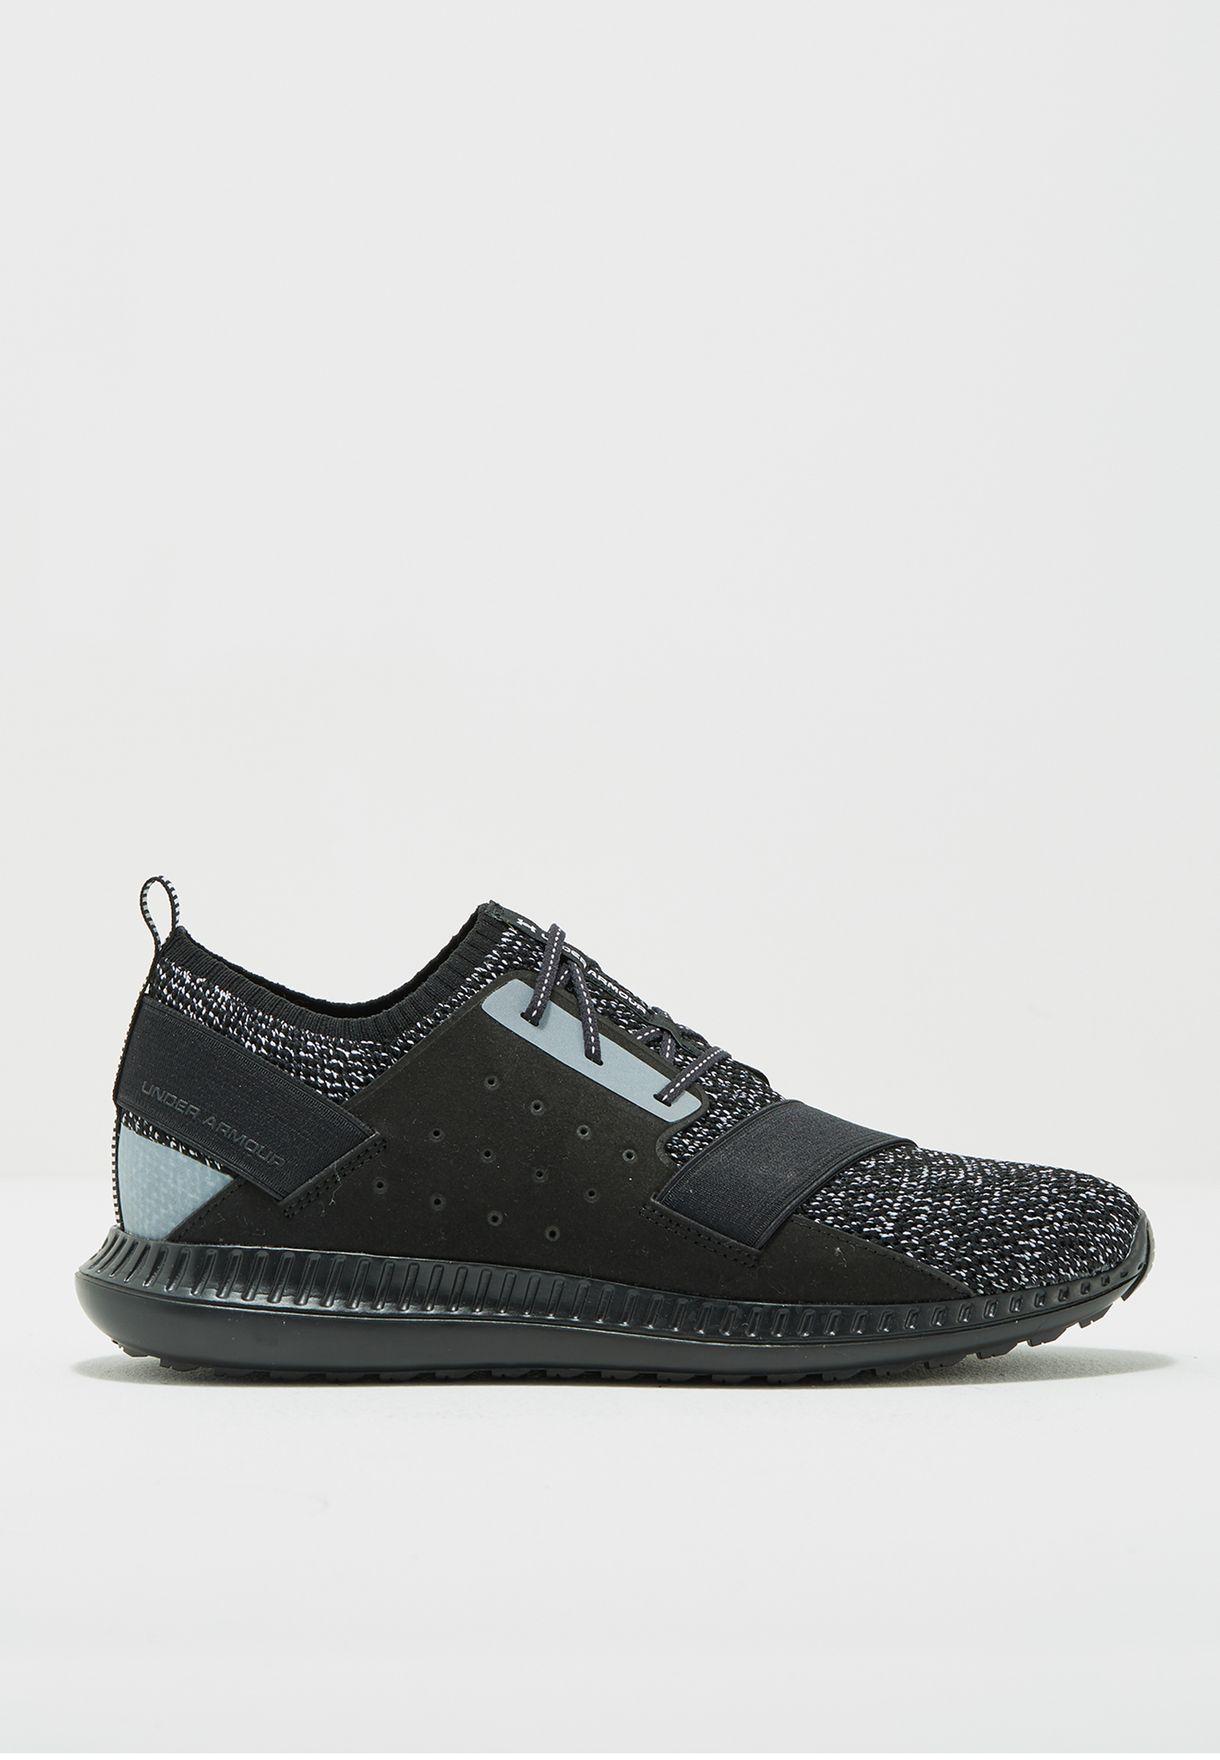 حذاء مودا رن 2.0 اكس ان ام